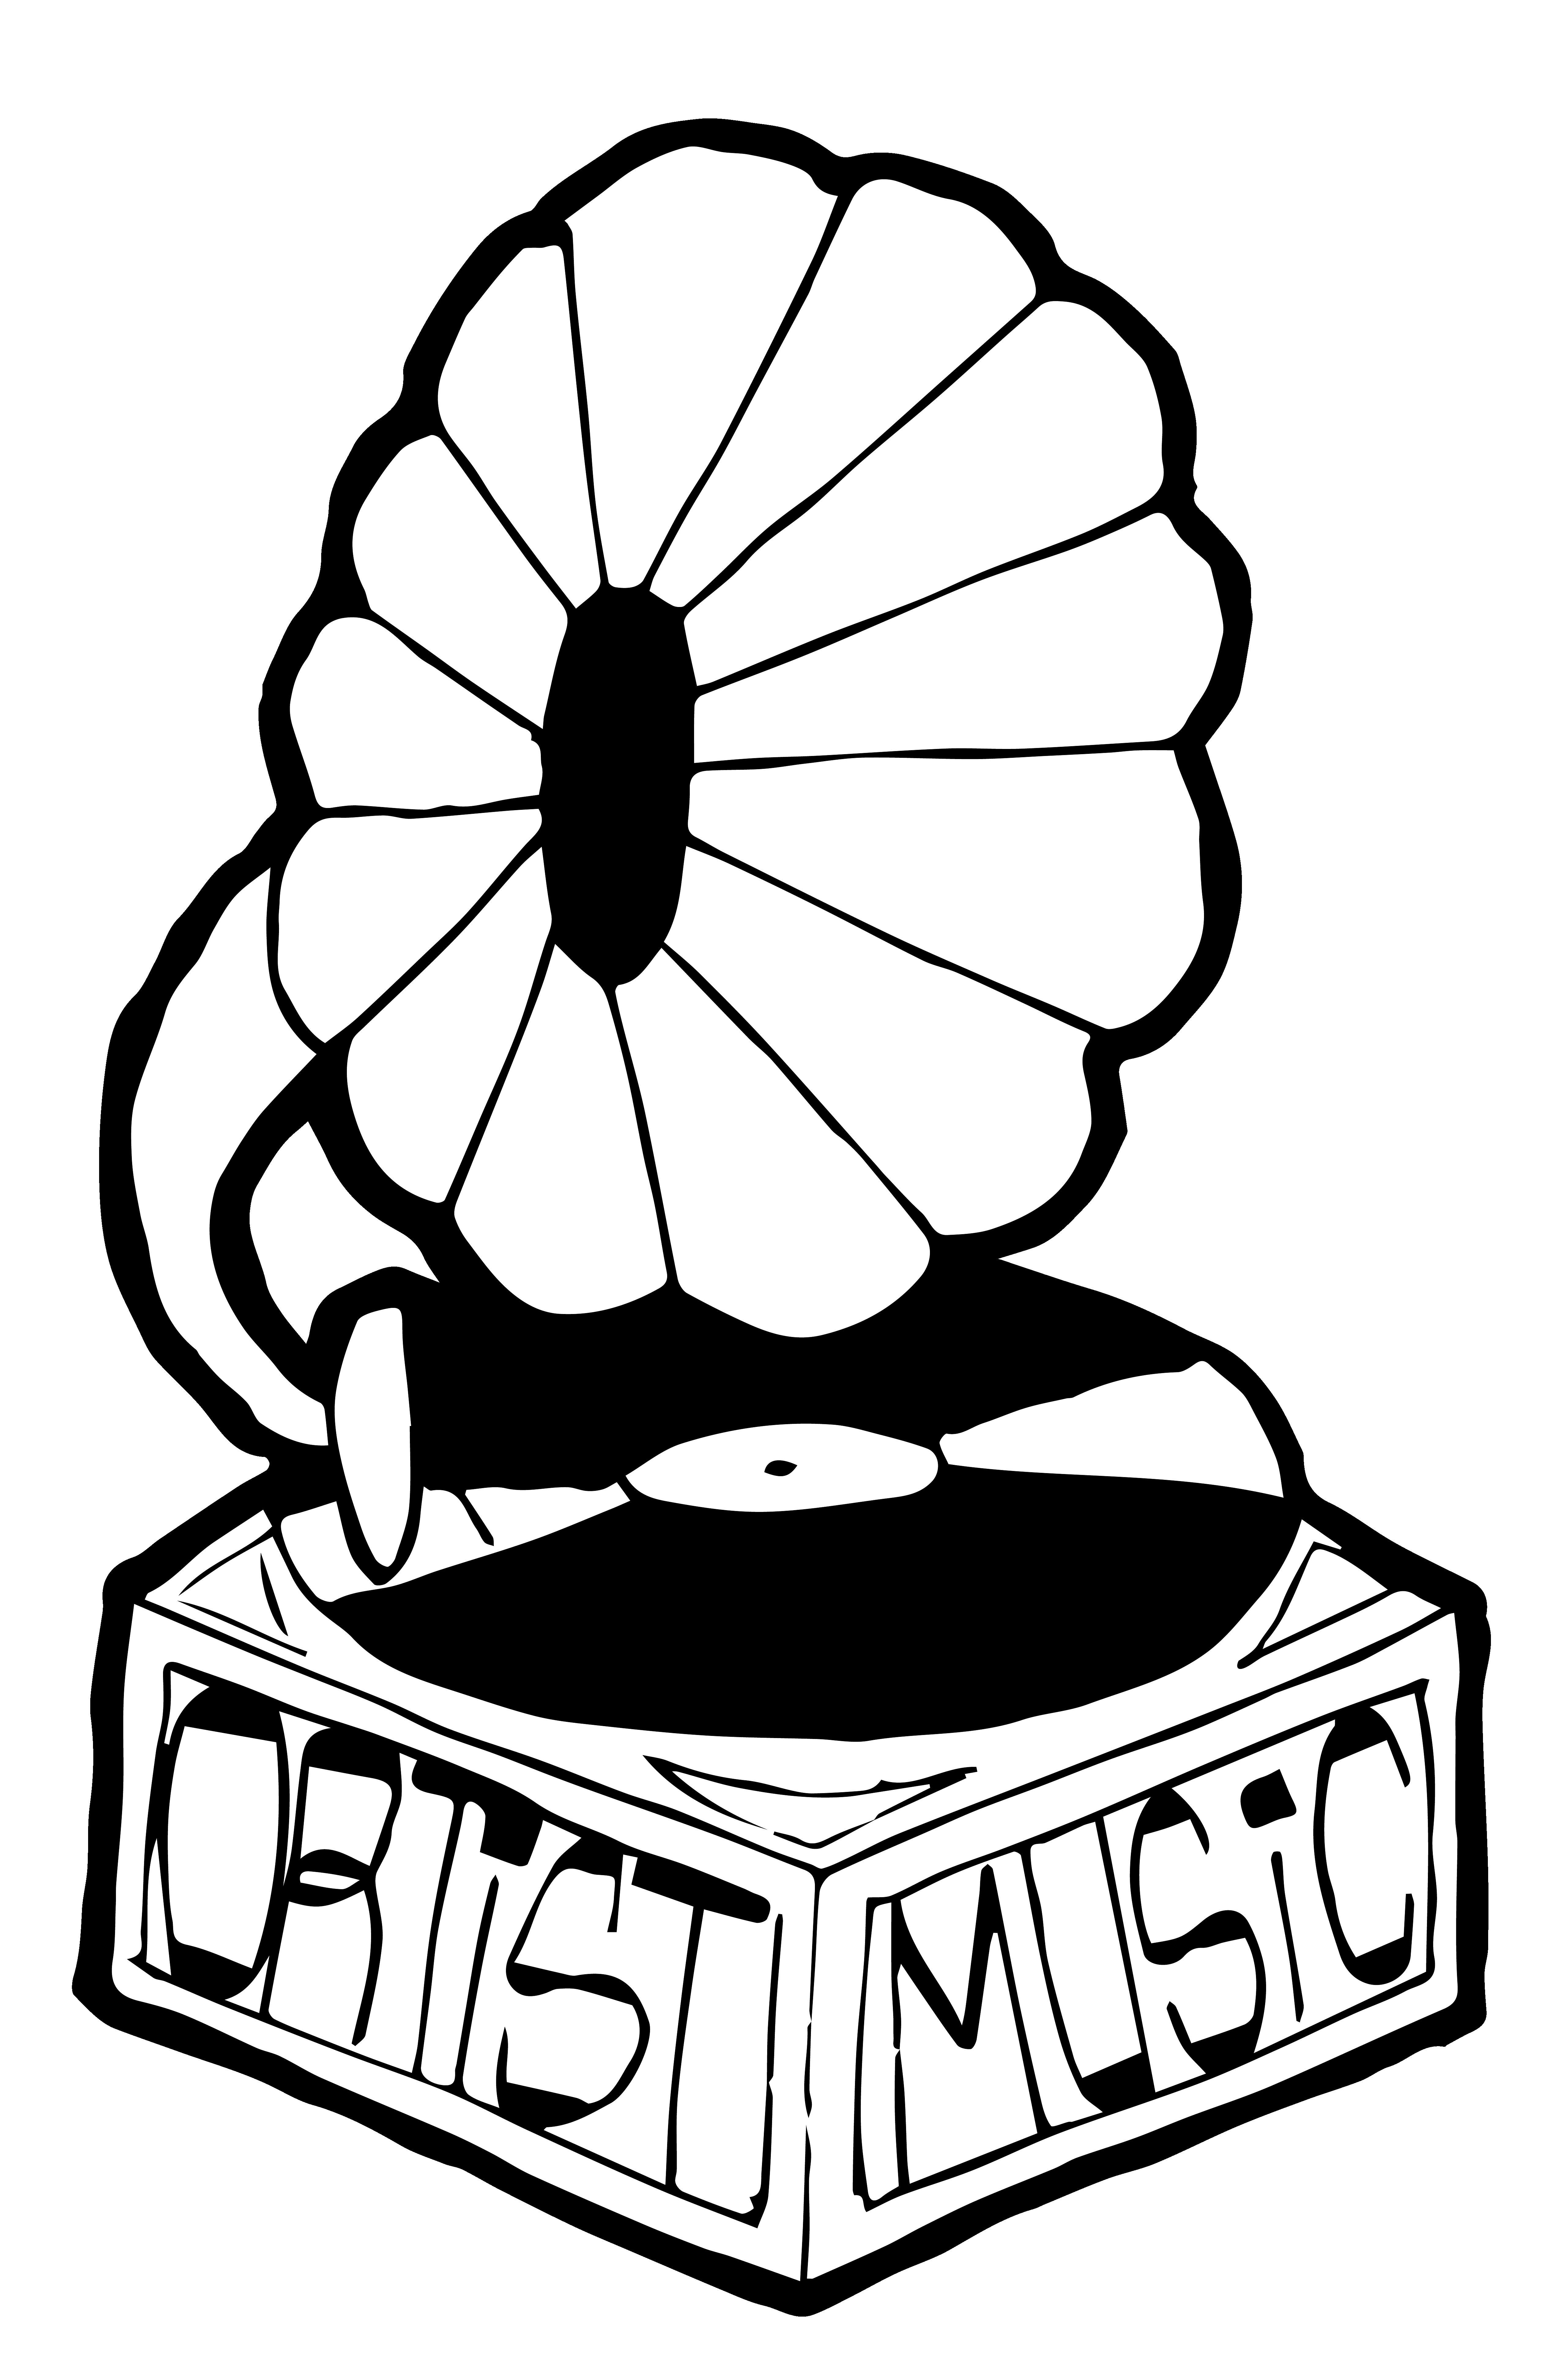 Ortist Music Gramophone beatmaker music producer hip-hop